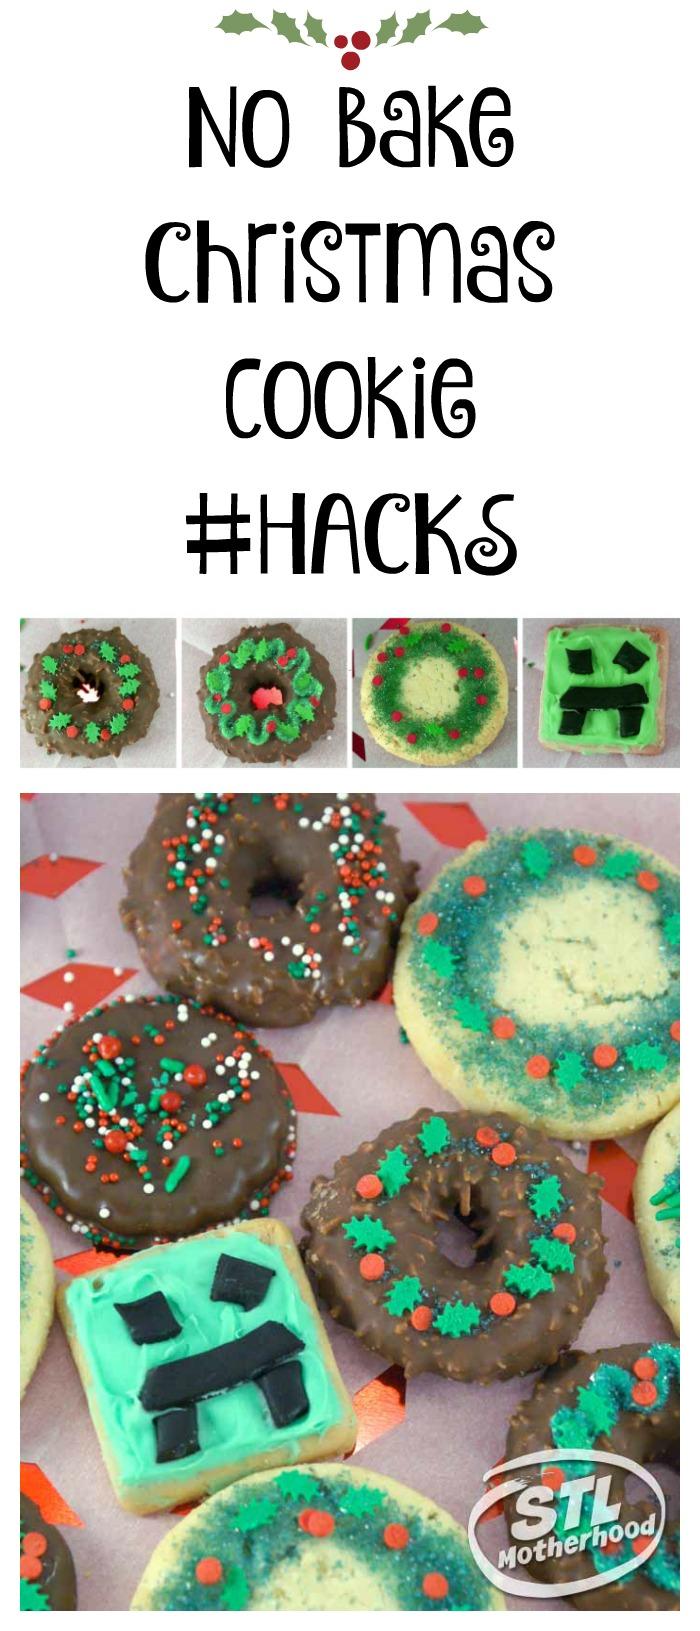 Christmas cookie hack